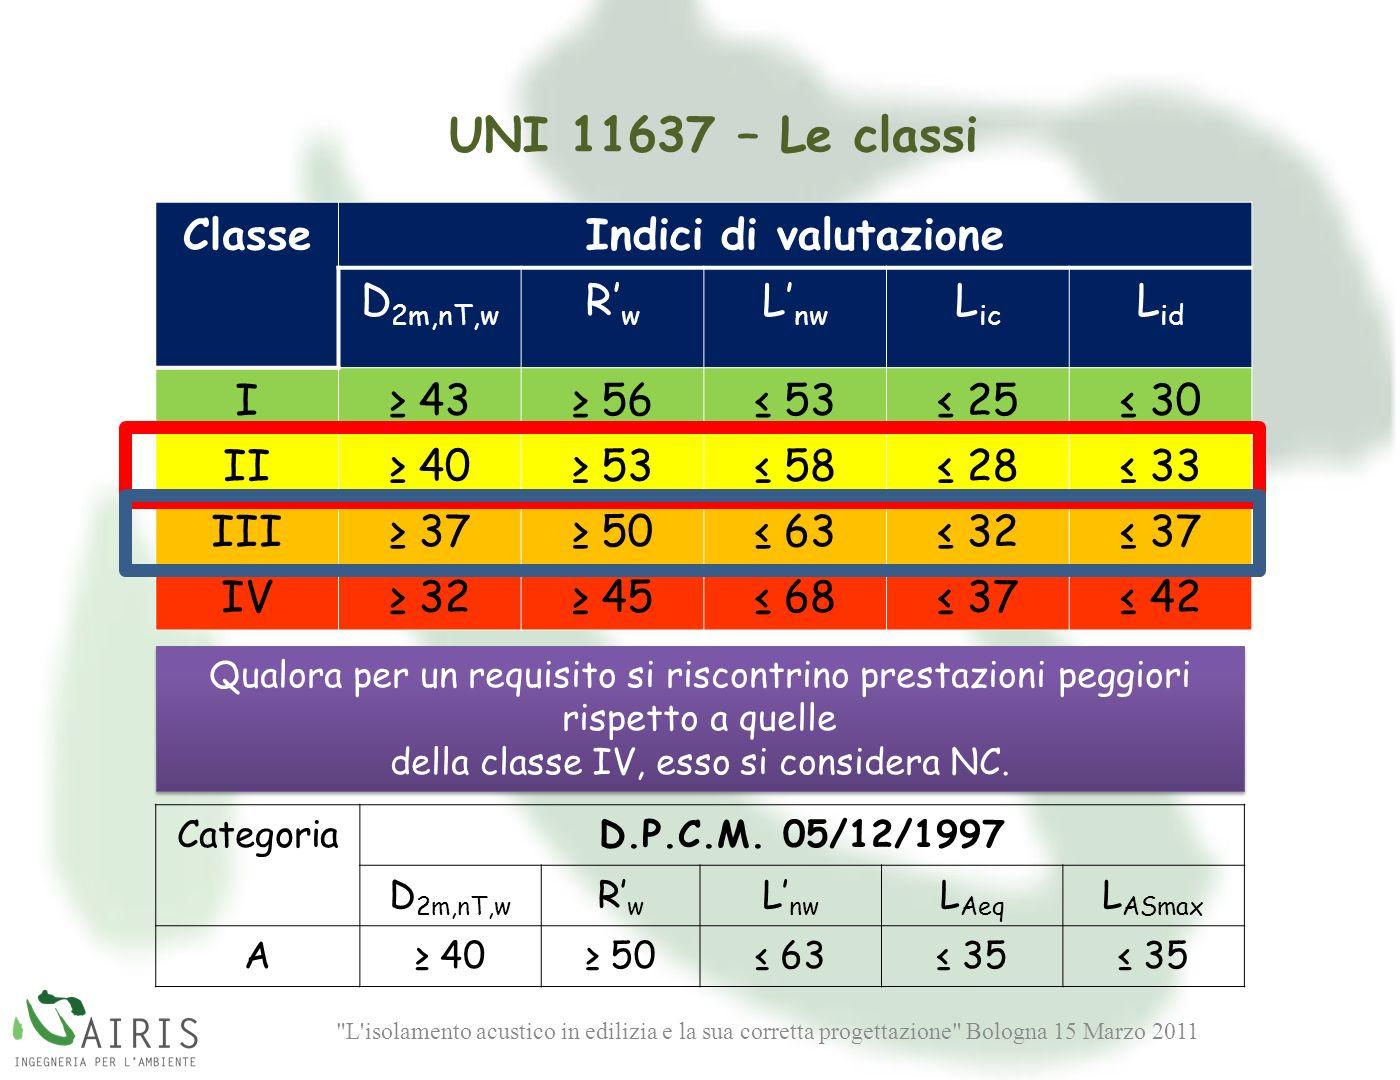 L isolamento acustico in edilizia e la sua corretta progettazione Bologna 15 Marzo 2011 Qualora per un requisito si riscontrino prestazioni peggiori rispetto a quelle della classe IV, esso si considera NC.